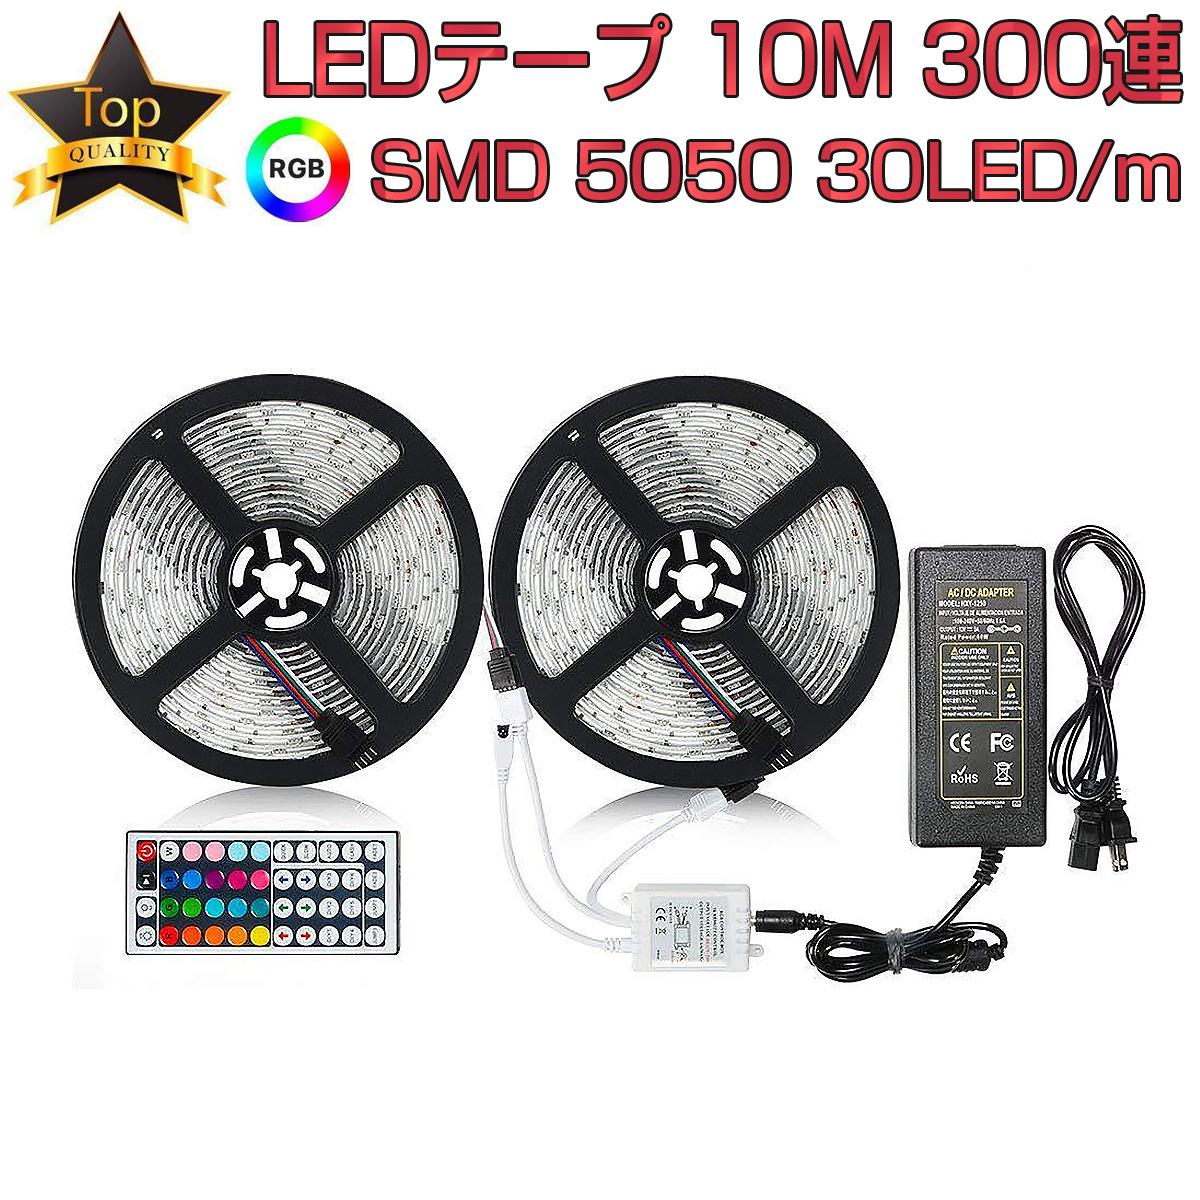 RGB LEDテープ SMD5050 10m(5mx2個) 300連 20色 調光 リモコン 防水 高輝度 テープLED カット可能 1mにつき30LED 12V SDM便送料無料 1ヶ月保証 K&M